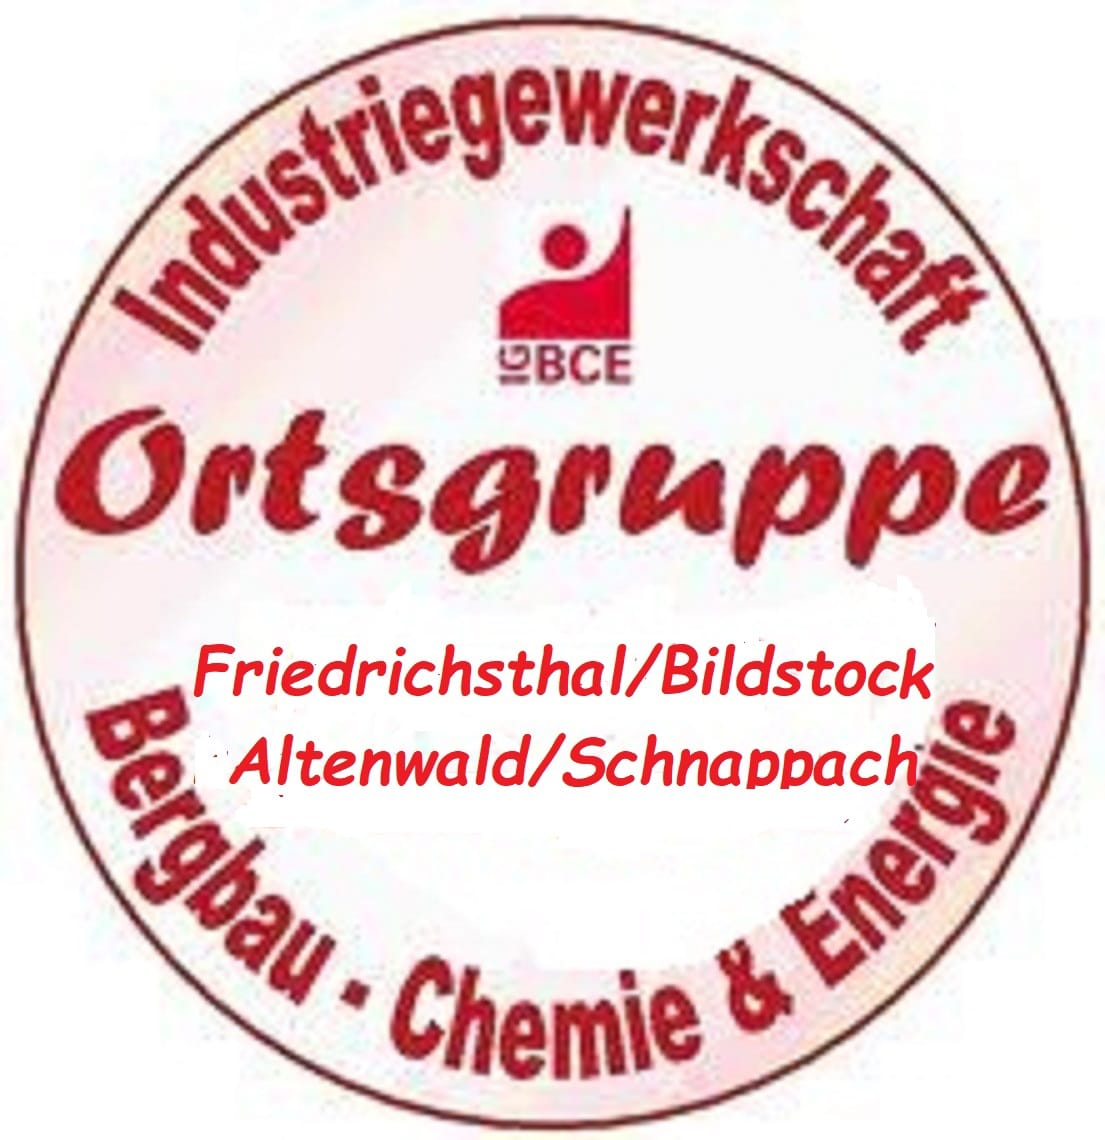 IGBCE Friedrichsthal Bildstock Altenwald Schnappach